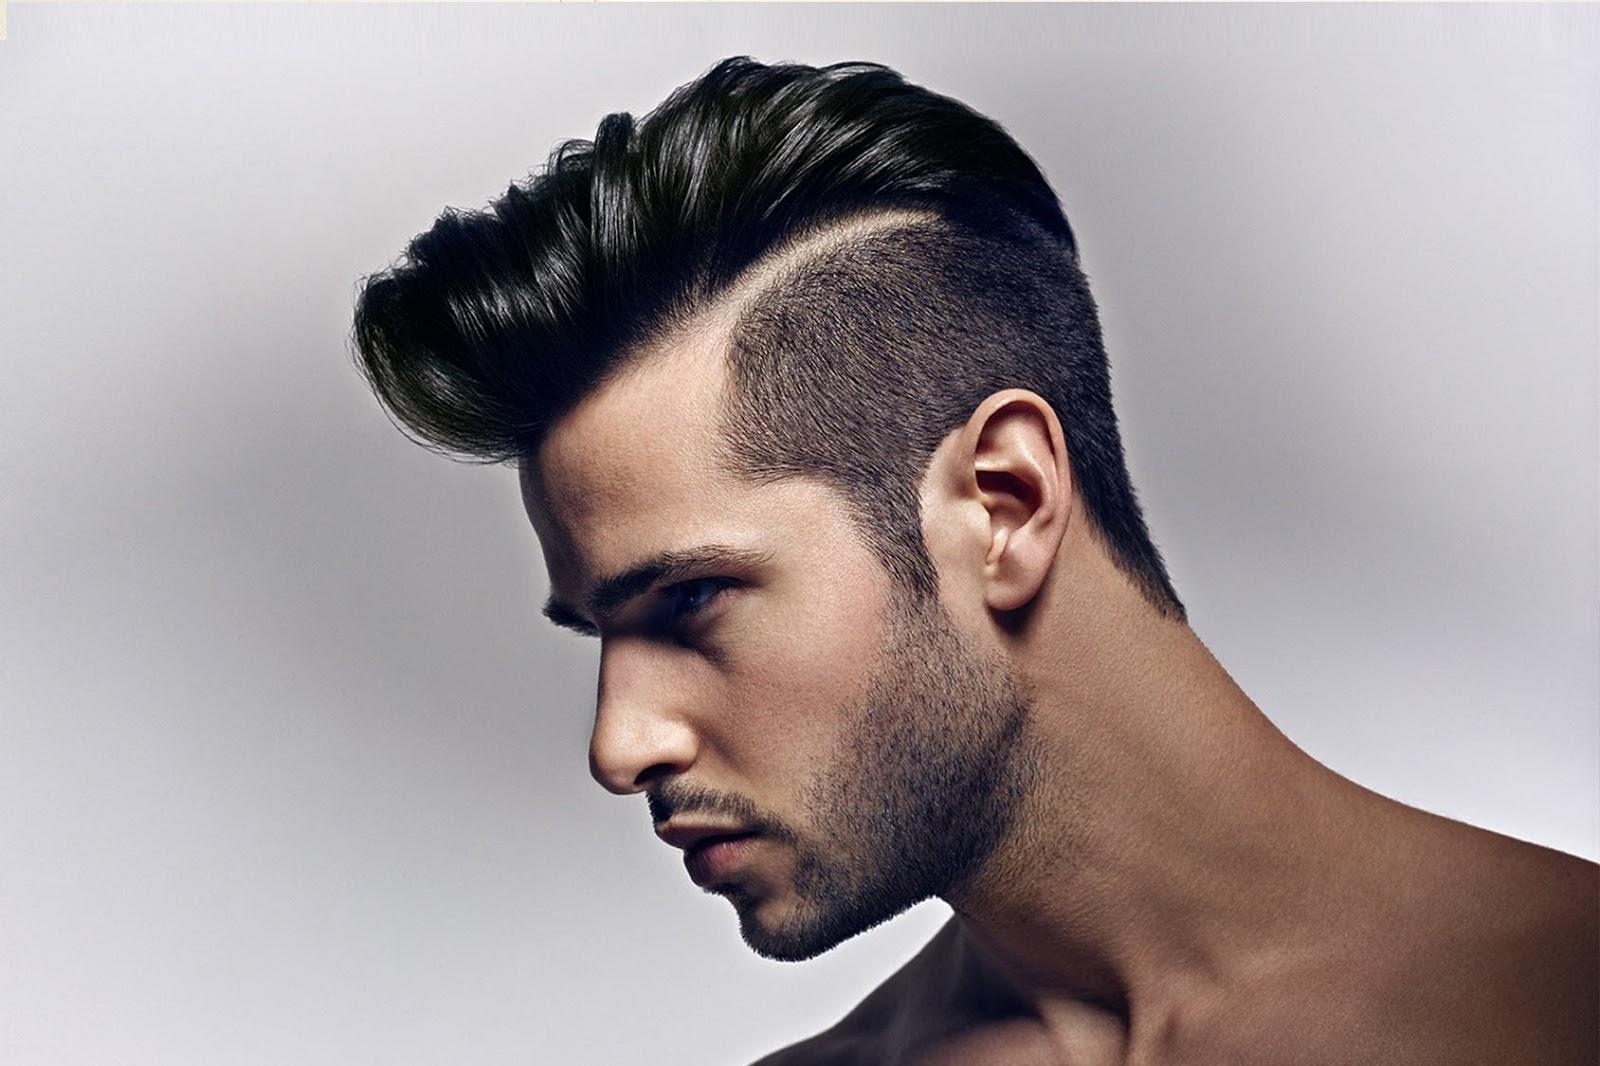 بالصور صور قصات شعر رجالي , اشيك قصات شعر للرجال 3507 4